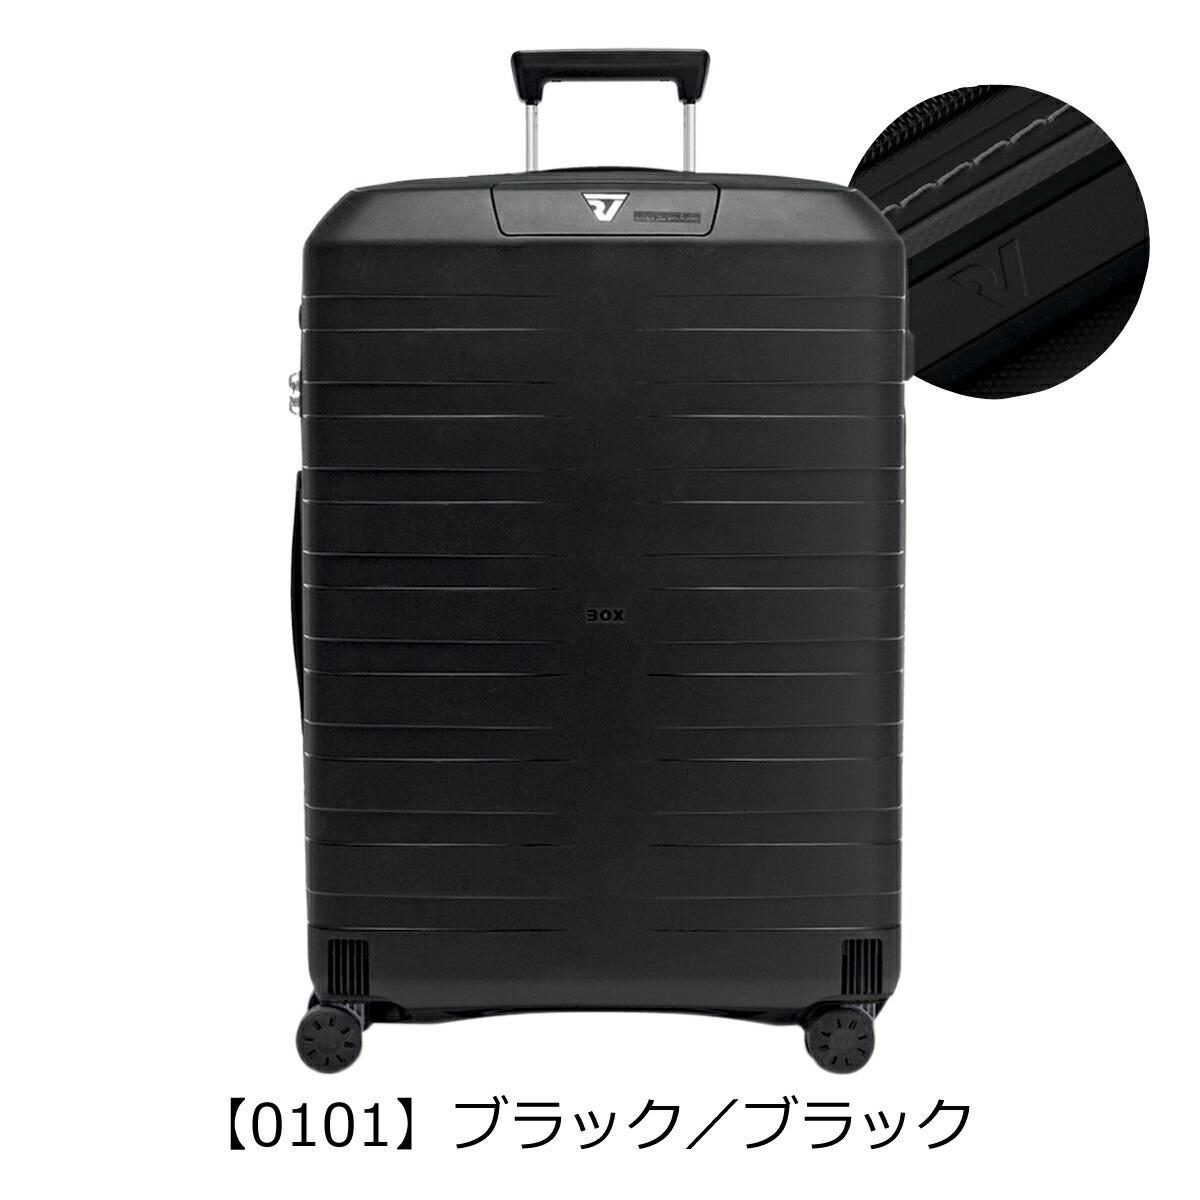 【0101】ブラック/ブラック